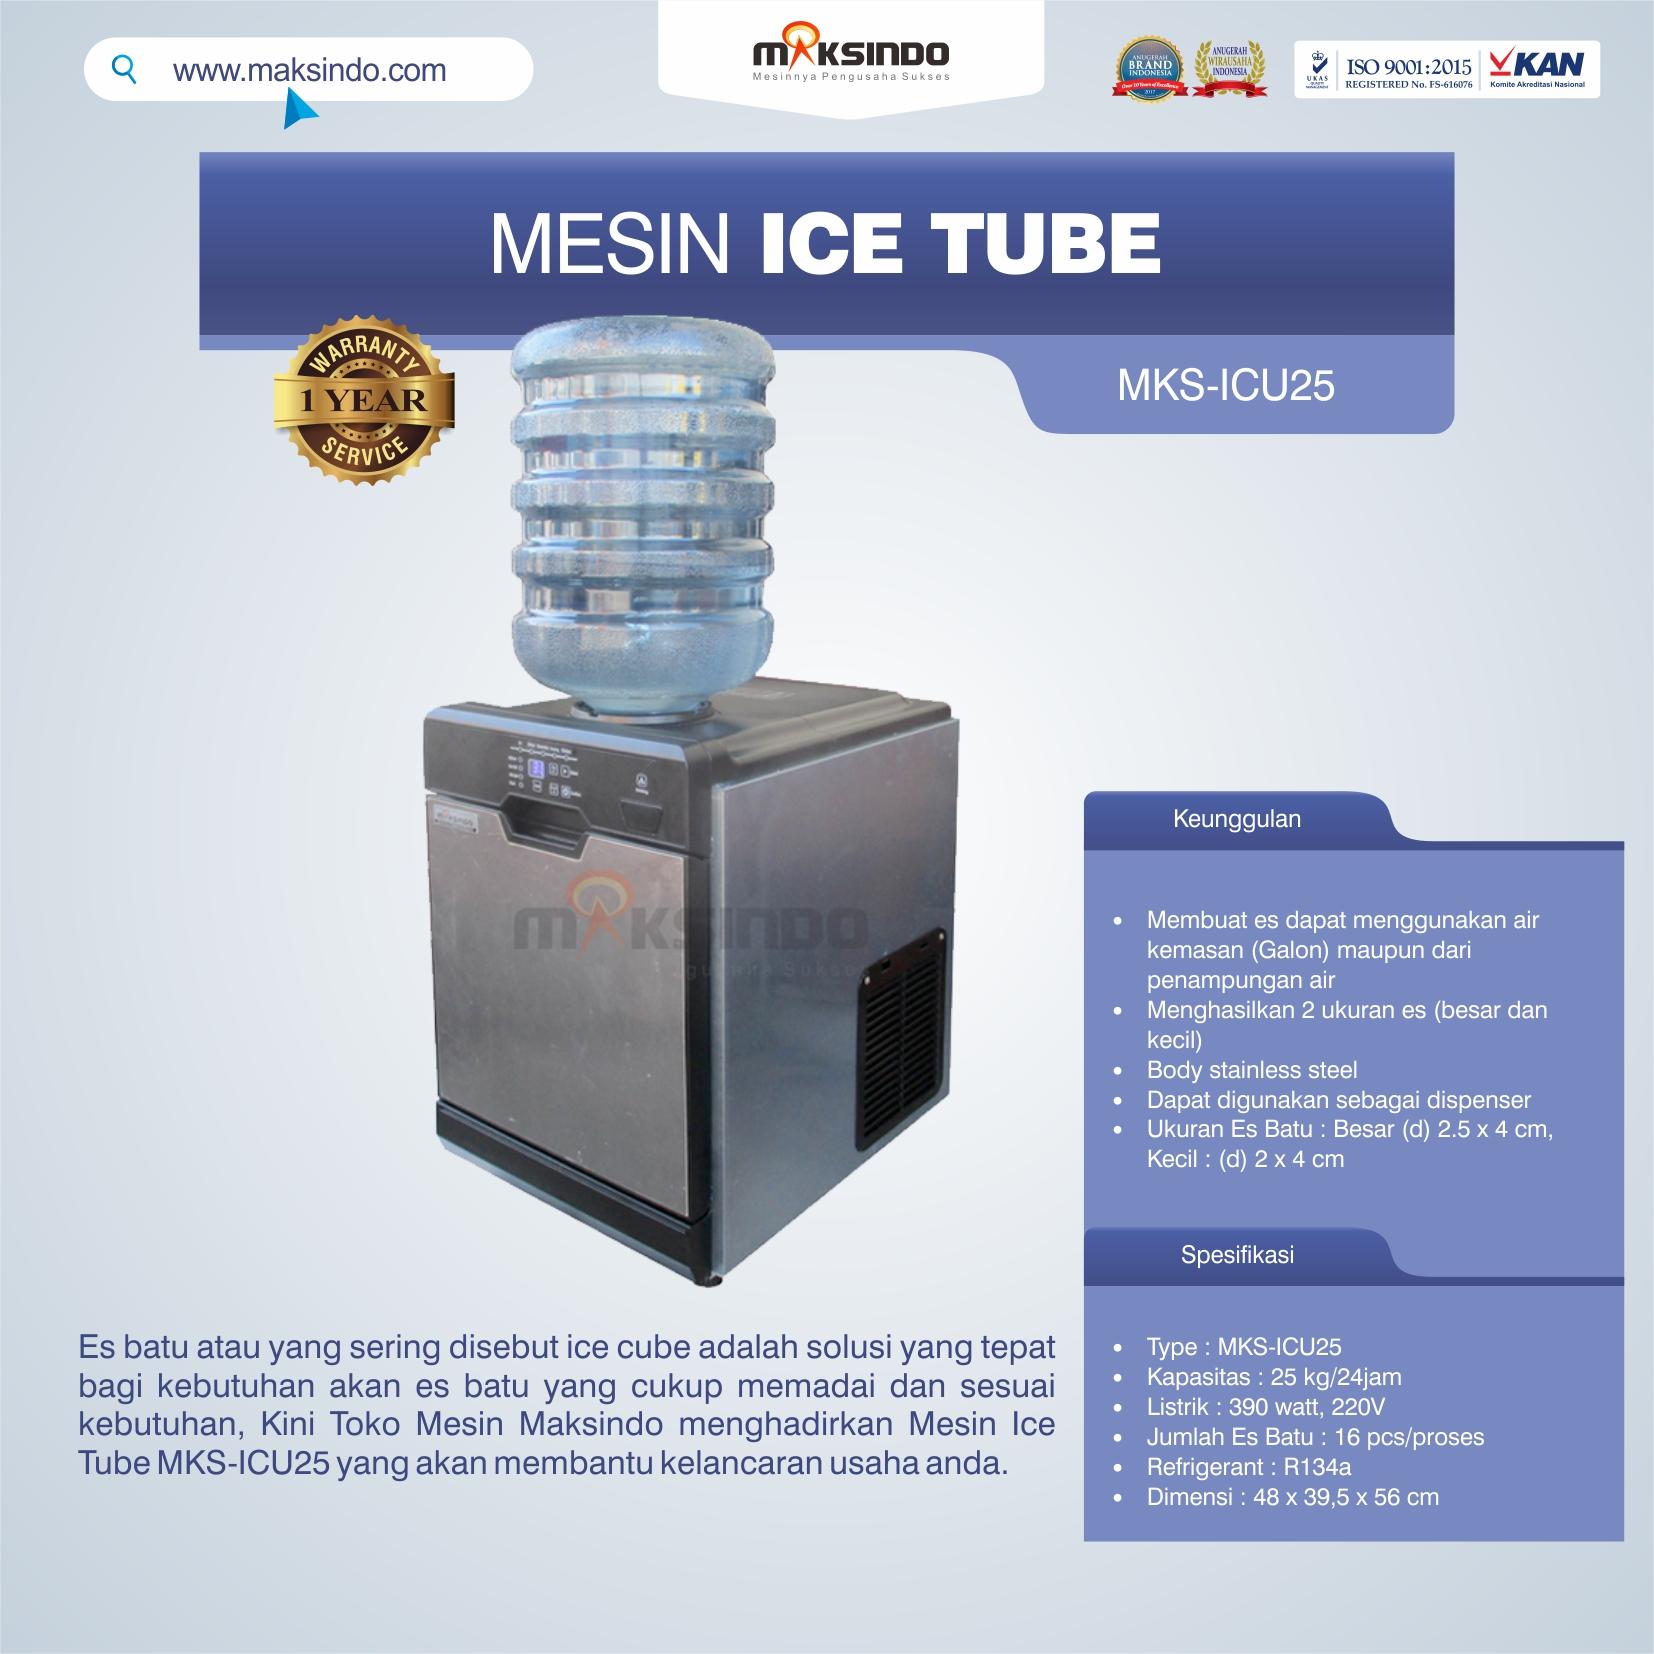 Jual Mesin Ice Tube MKS-ICU25 di Mataram